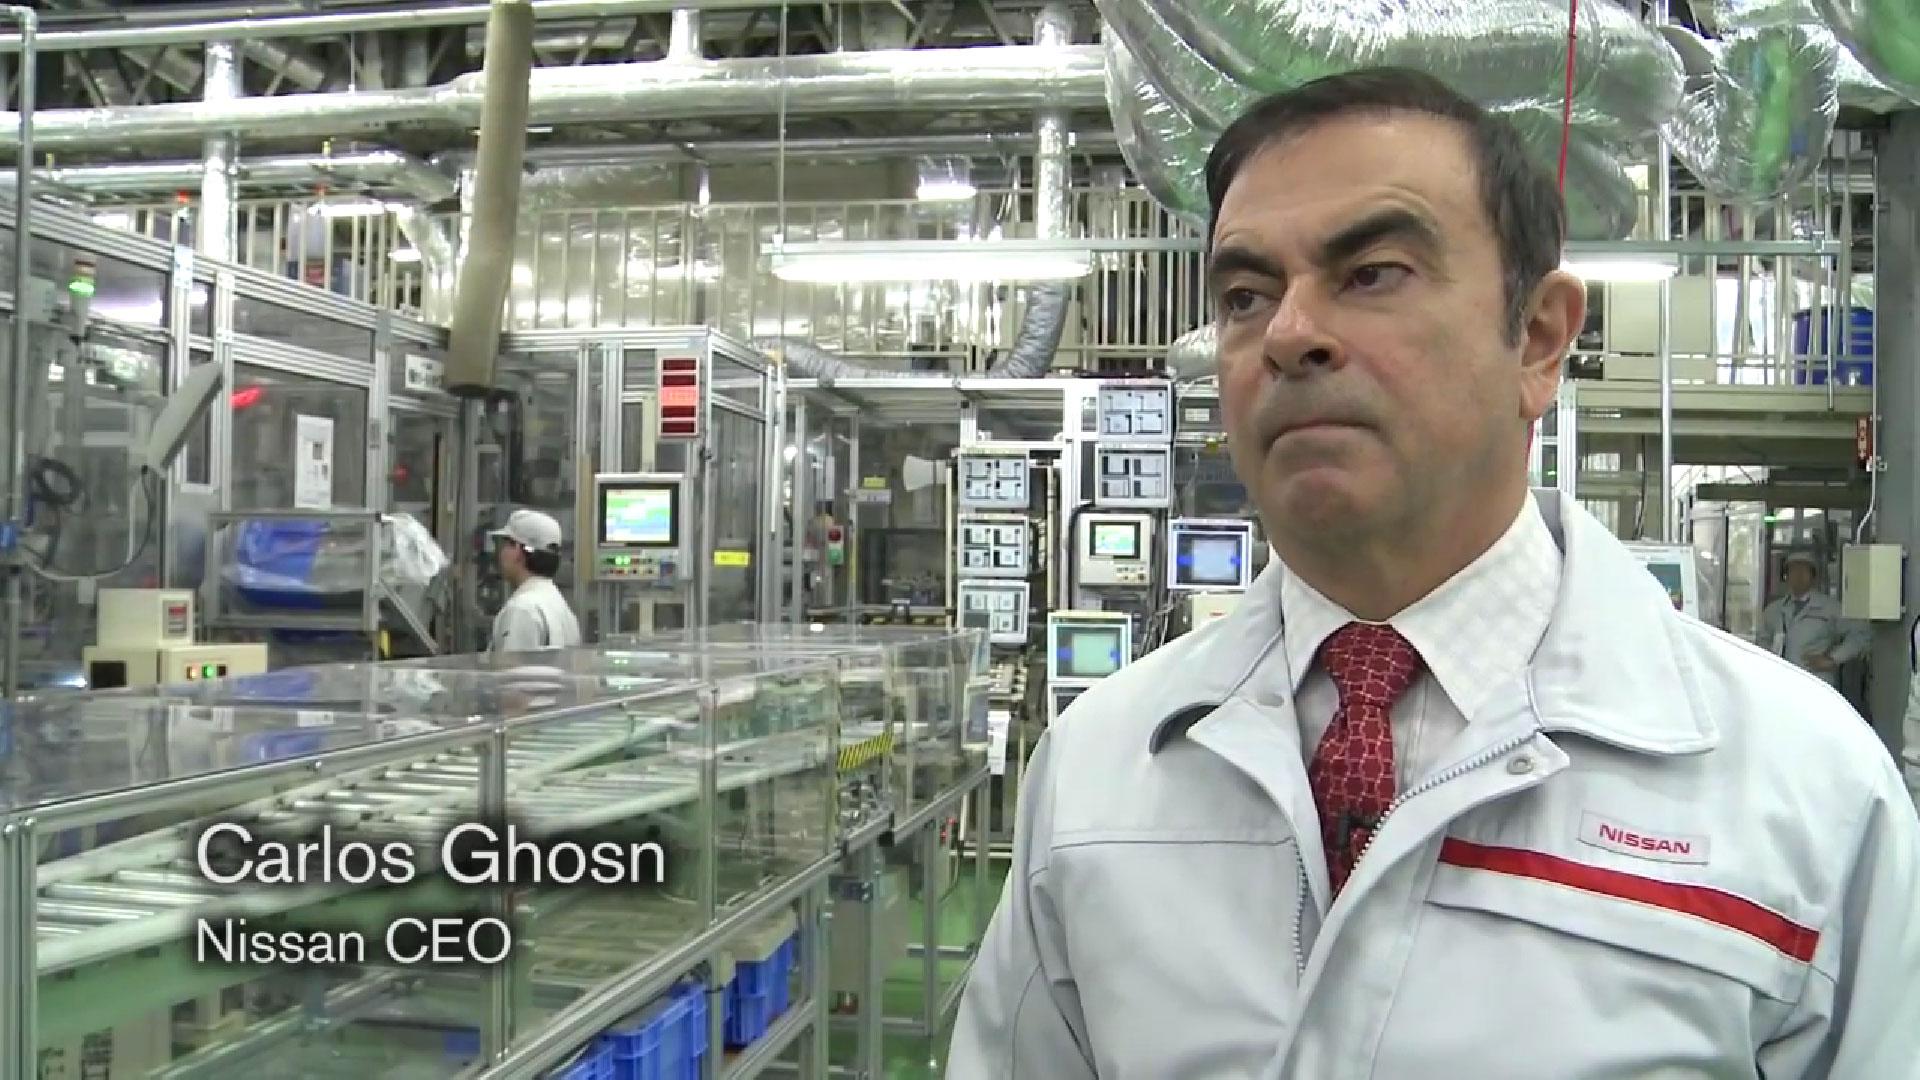 Carlos Ghosn über Wiederverwertung von Lithium-Ionen Batterien [Video]